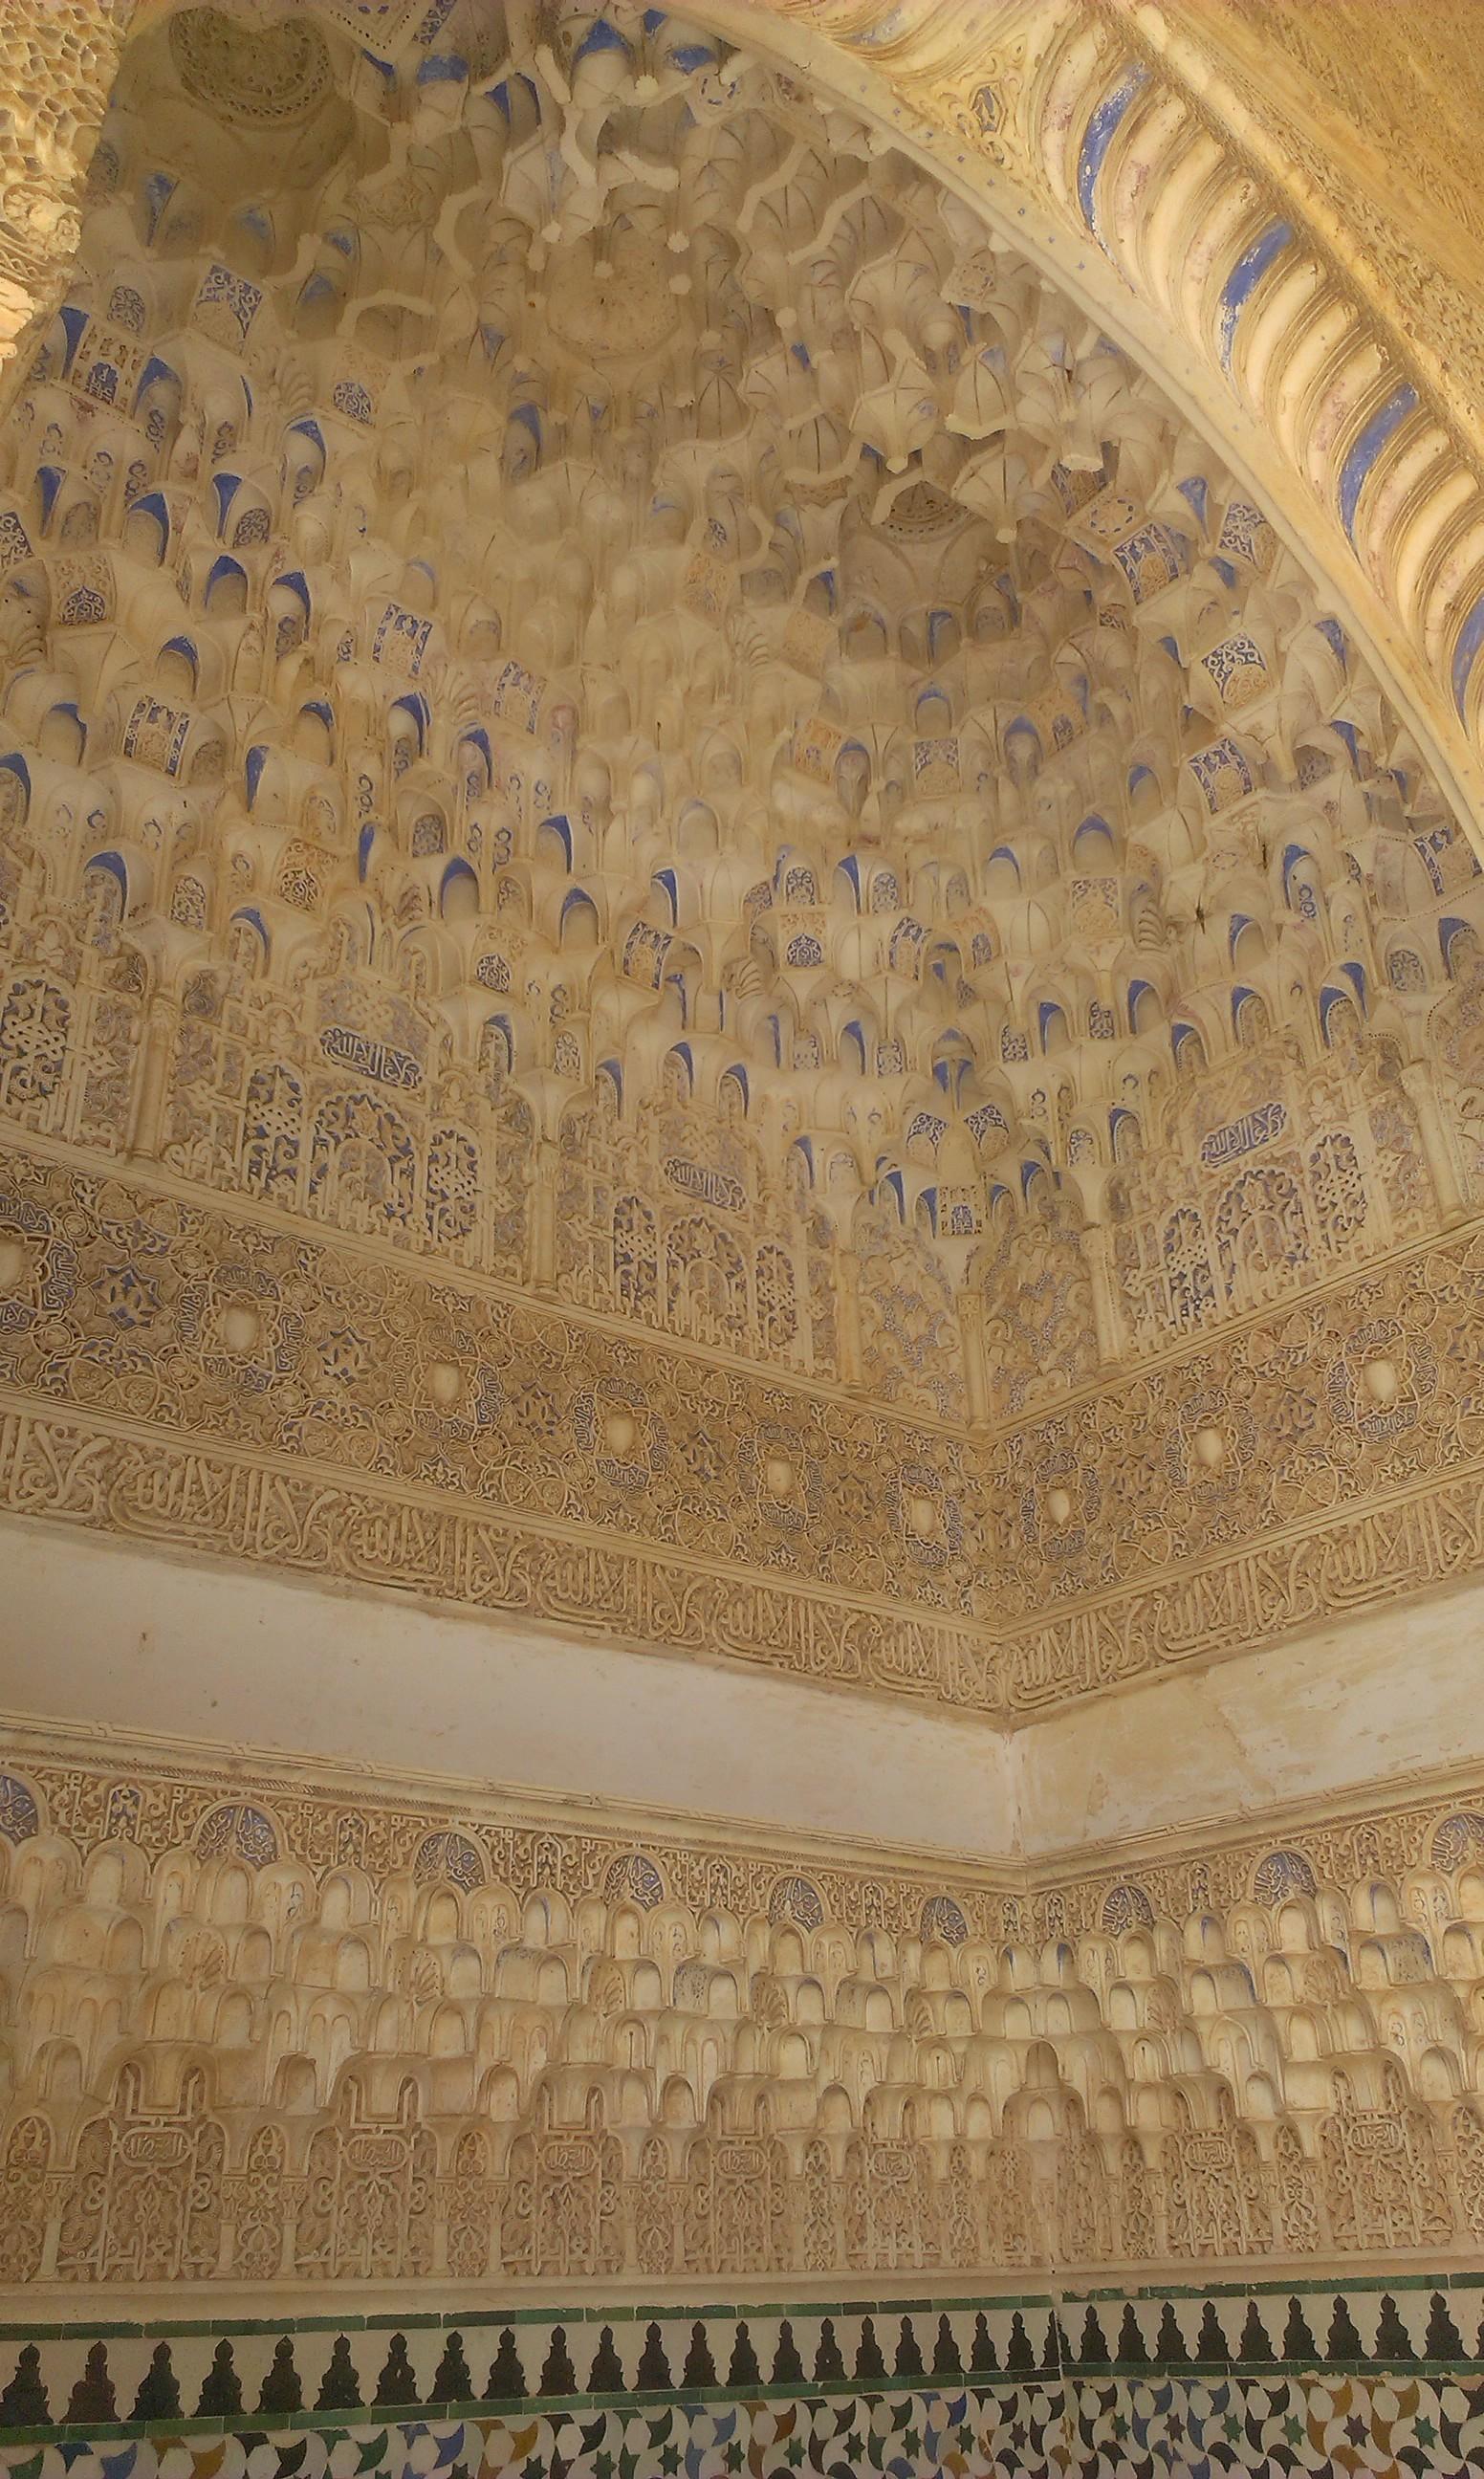 la-alhambra-cittadina-paradisiaca-25f5d6